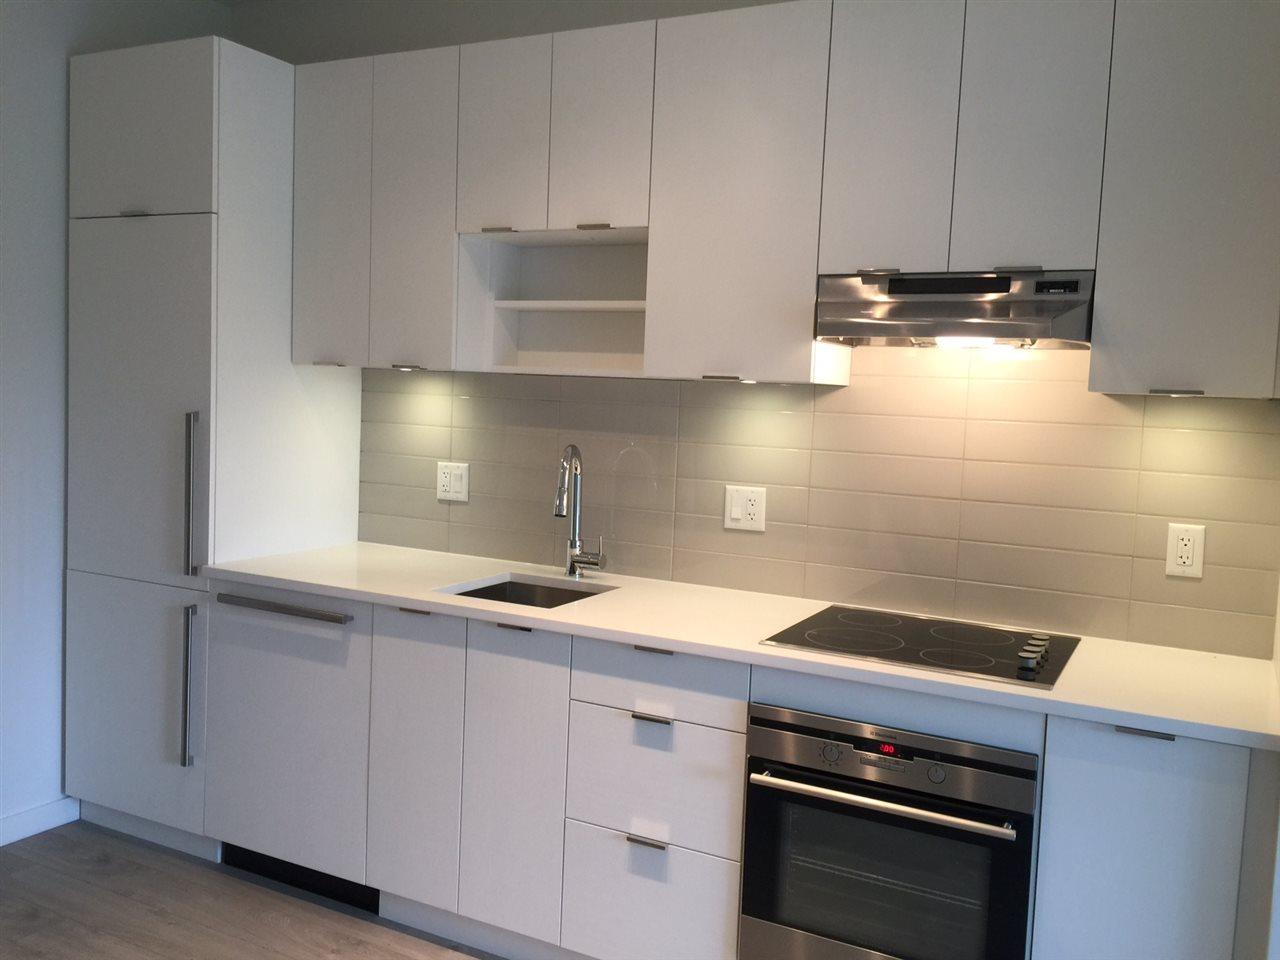 Condo Apartment at 410 13678 GROSVENOR ROAD, Unit 410, North Surrey, British Columbia. Image 14